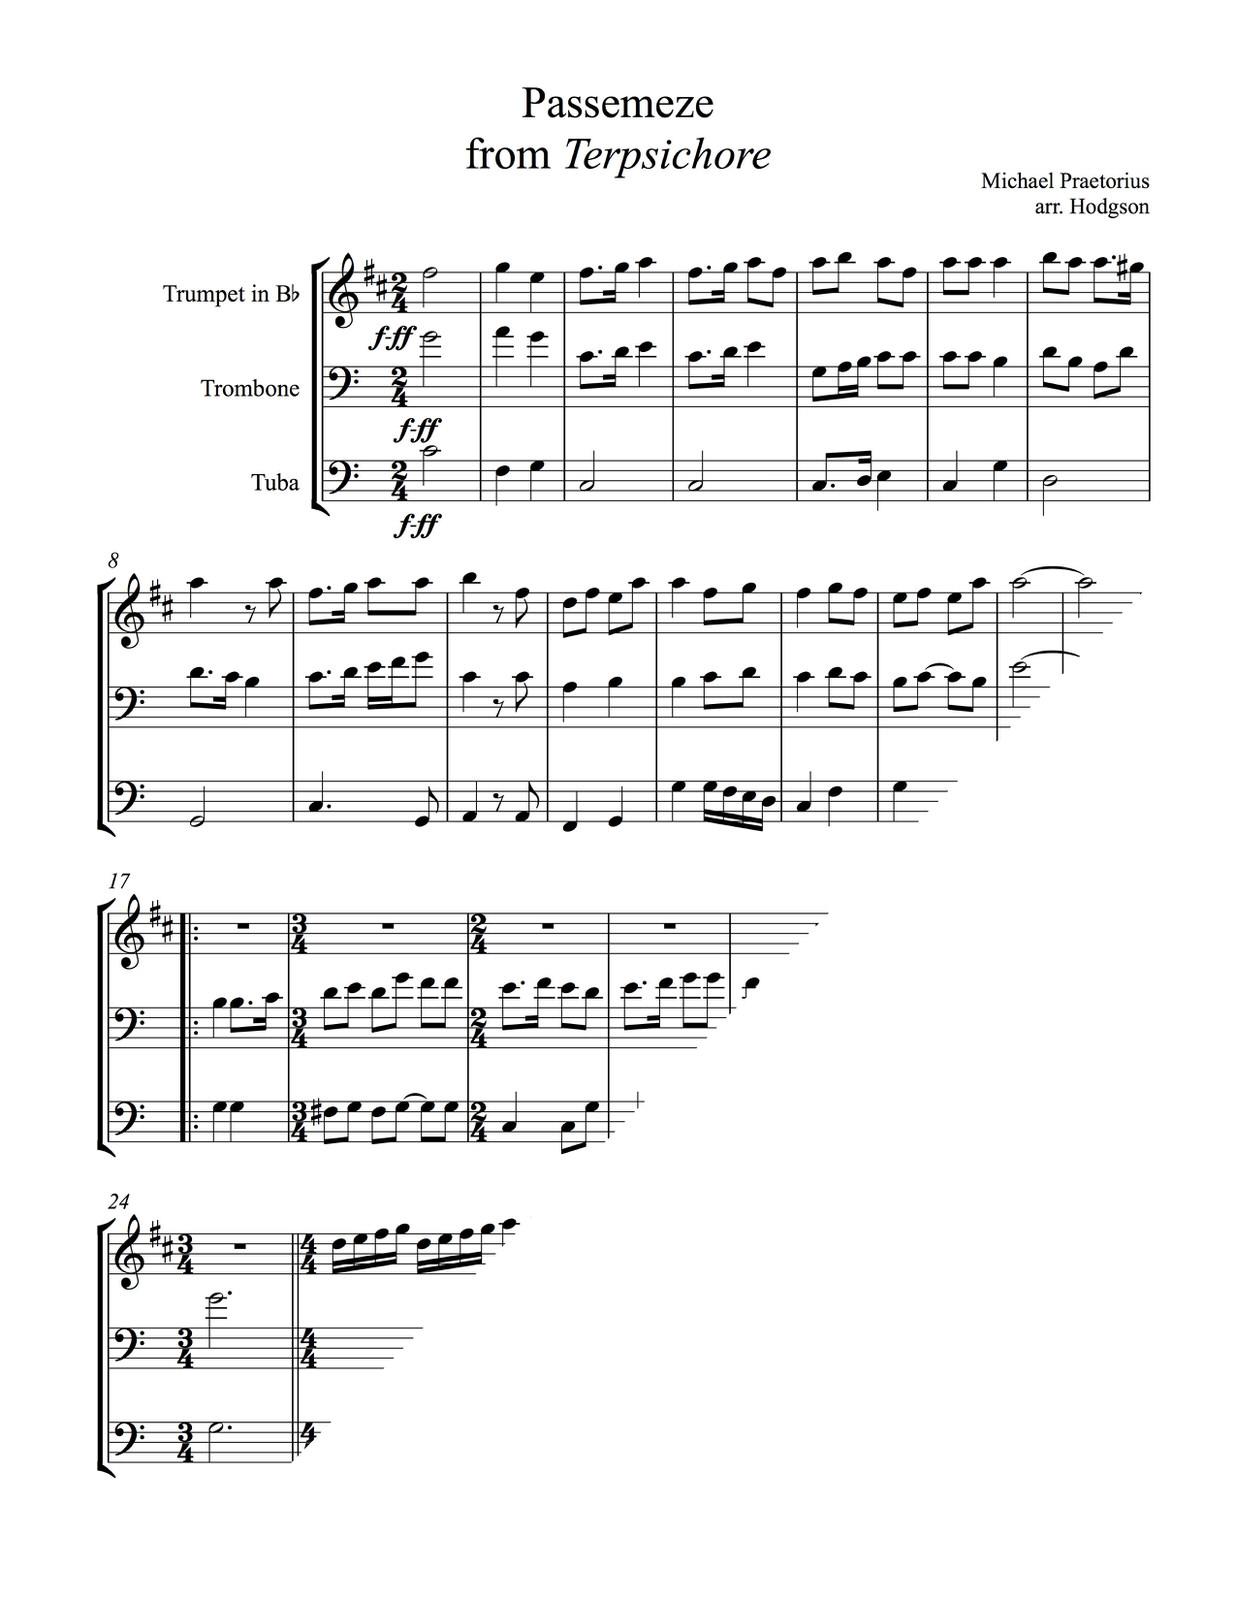 Praetorius, Passemeze from Terpsichore-p03